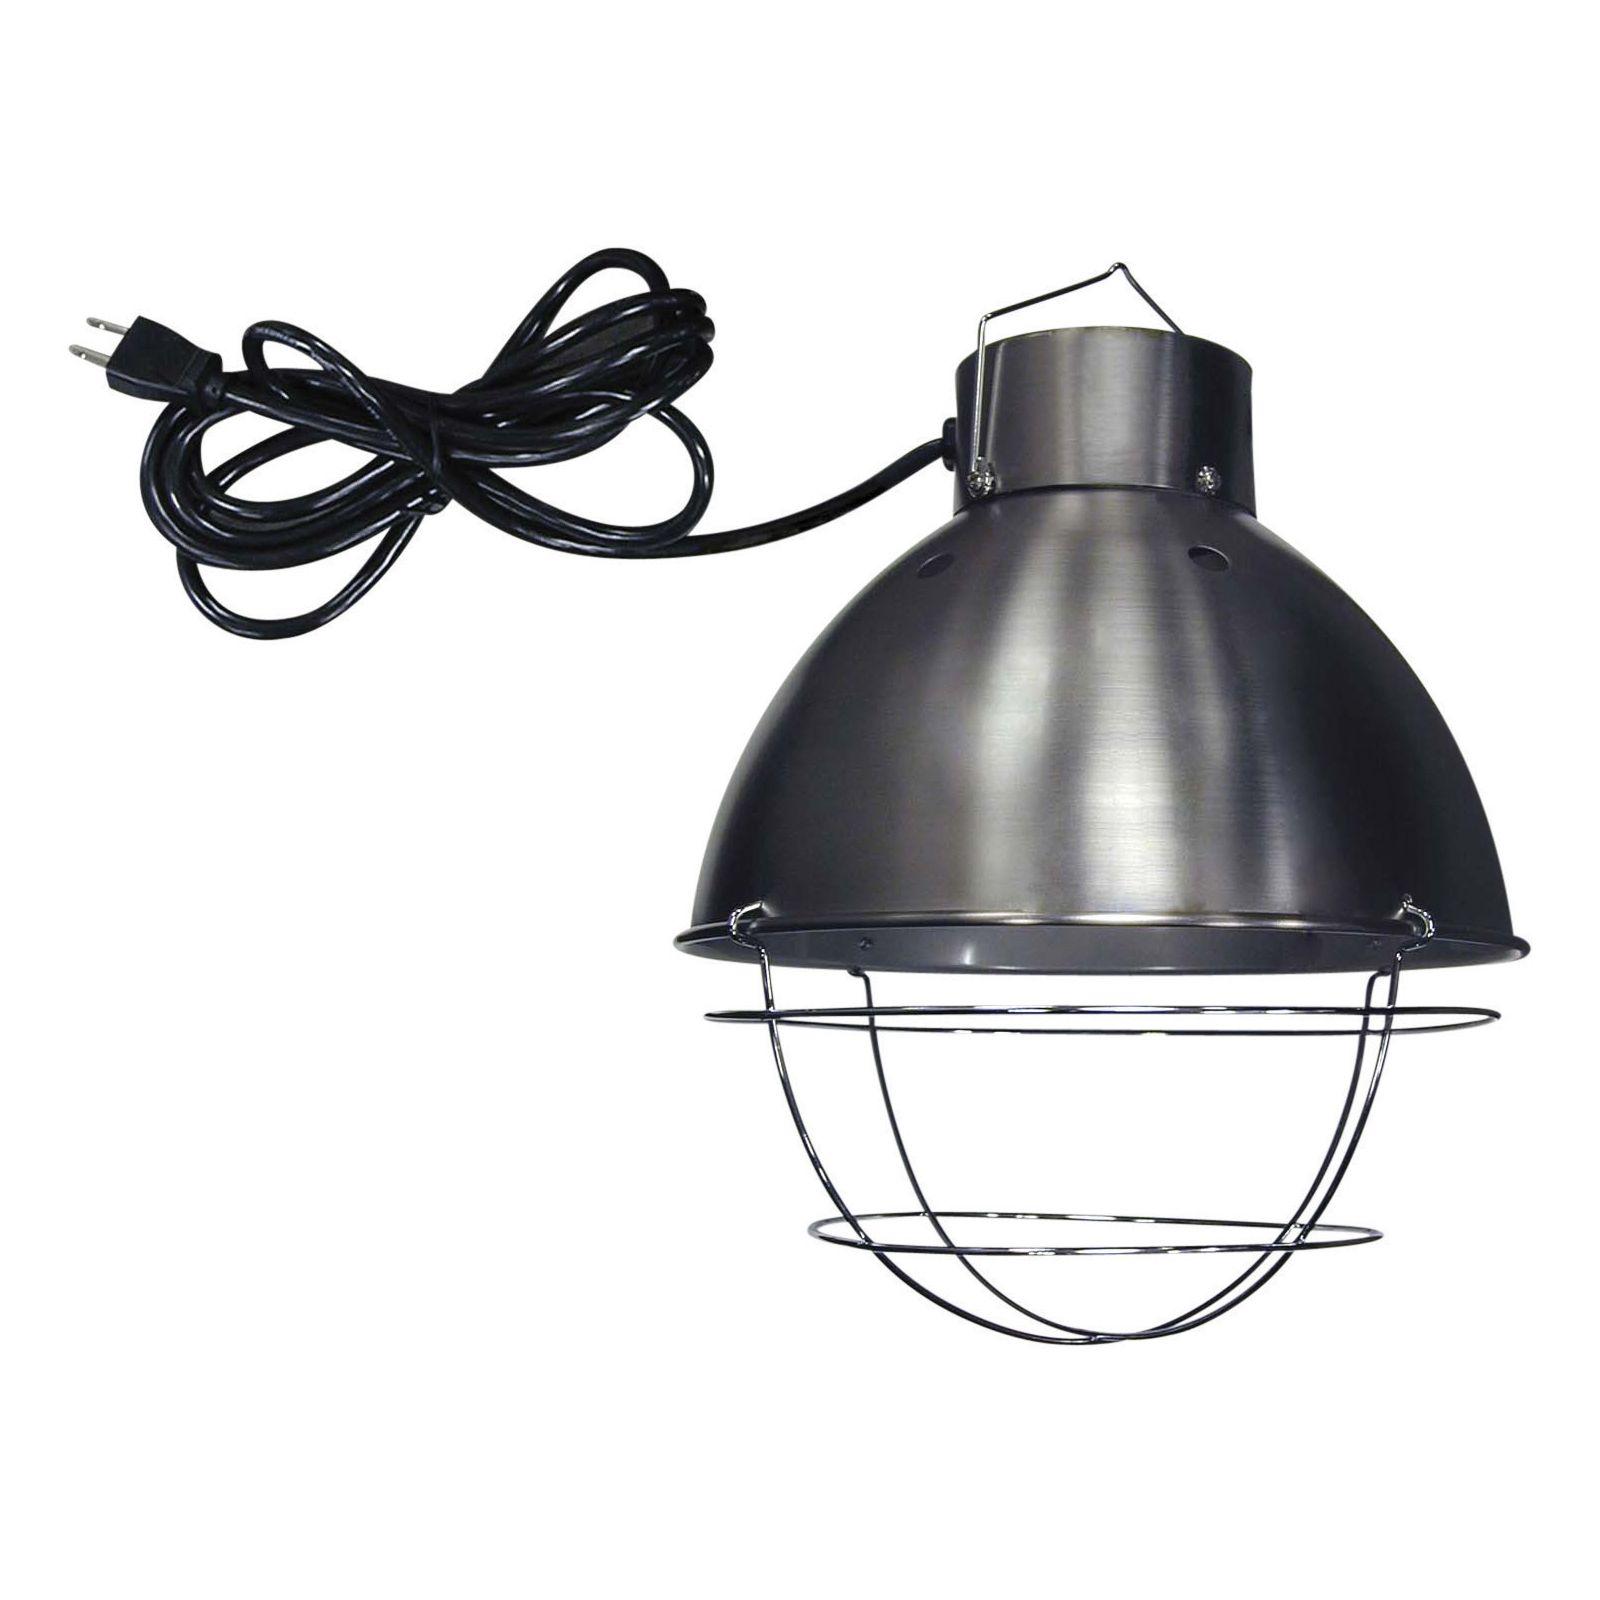 Lampe chauffante agricole